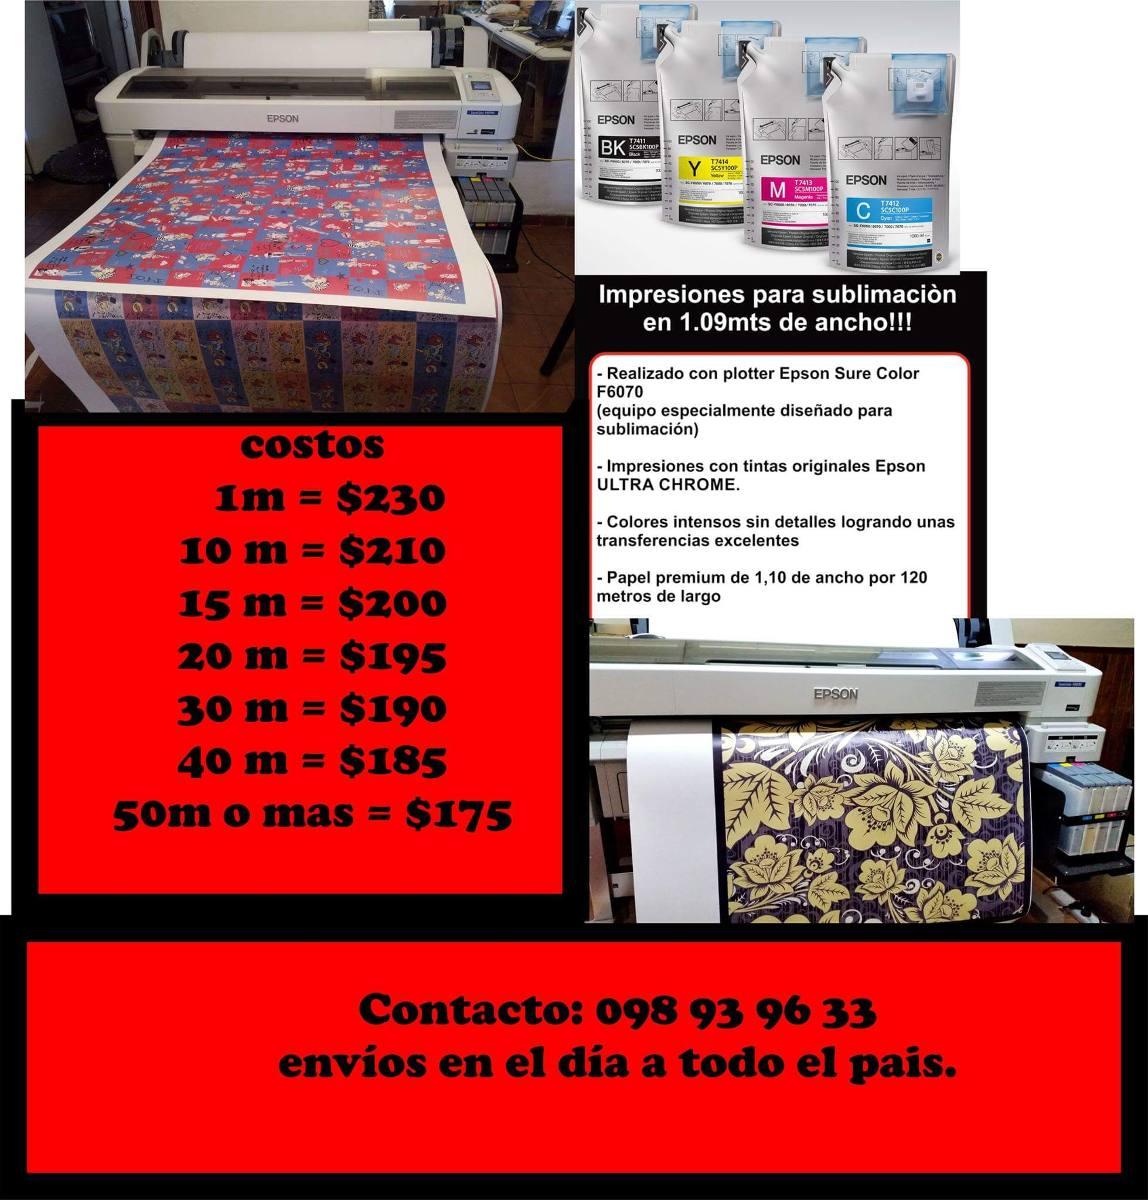 Impresion De Papel Para Sublimacion Por M2 - $ 175,00 en Mercado Libre